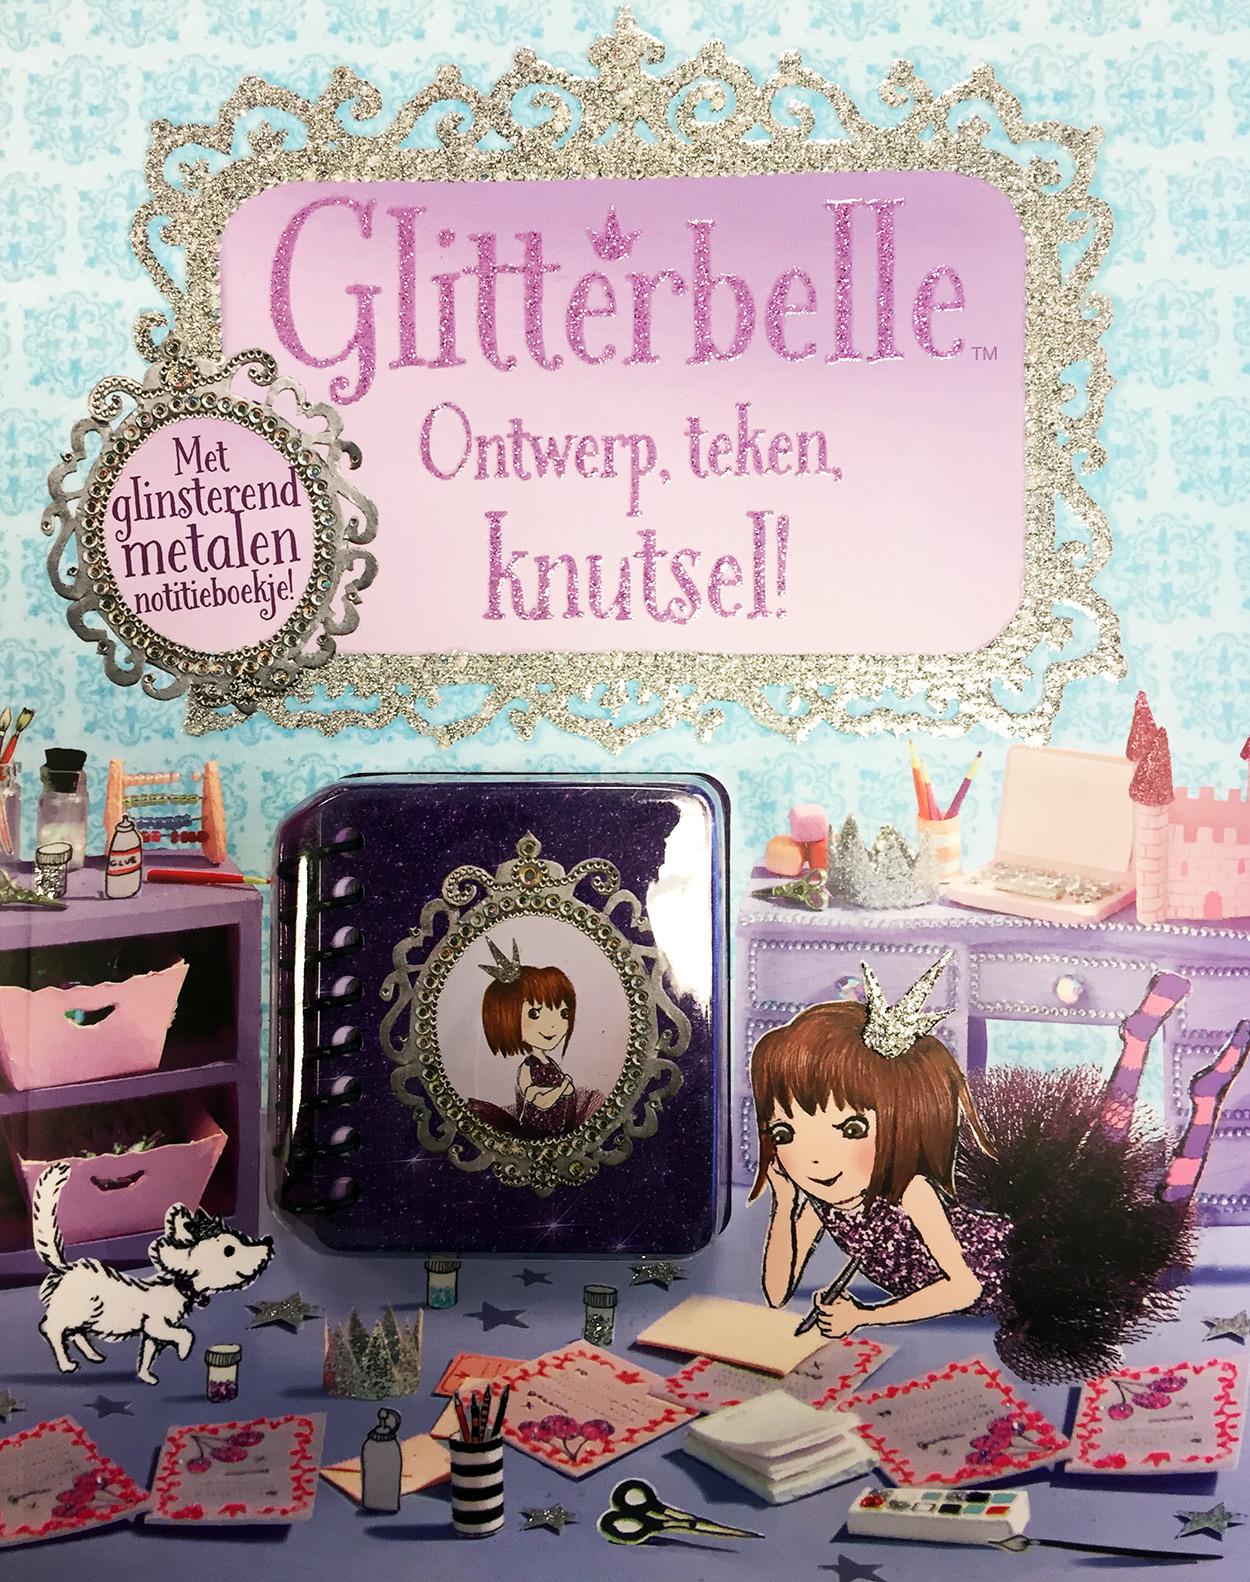 Glitterbelle Ontwerp,teken,knutsel